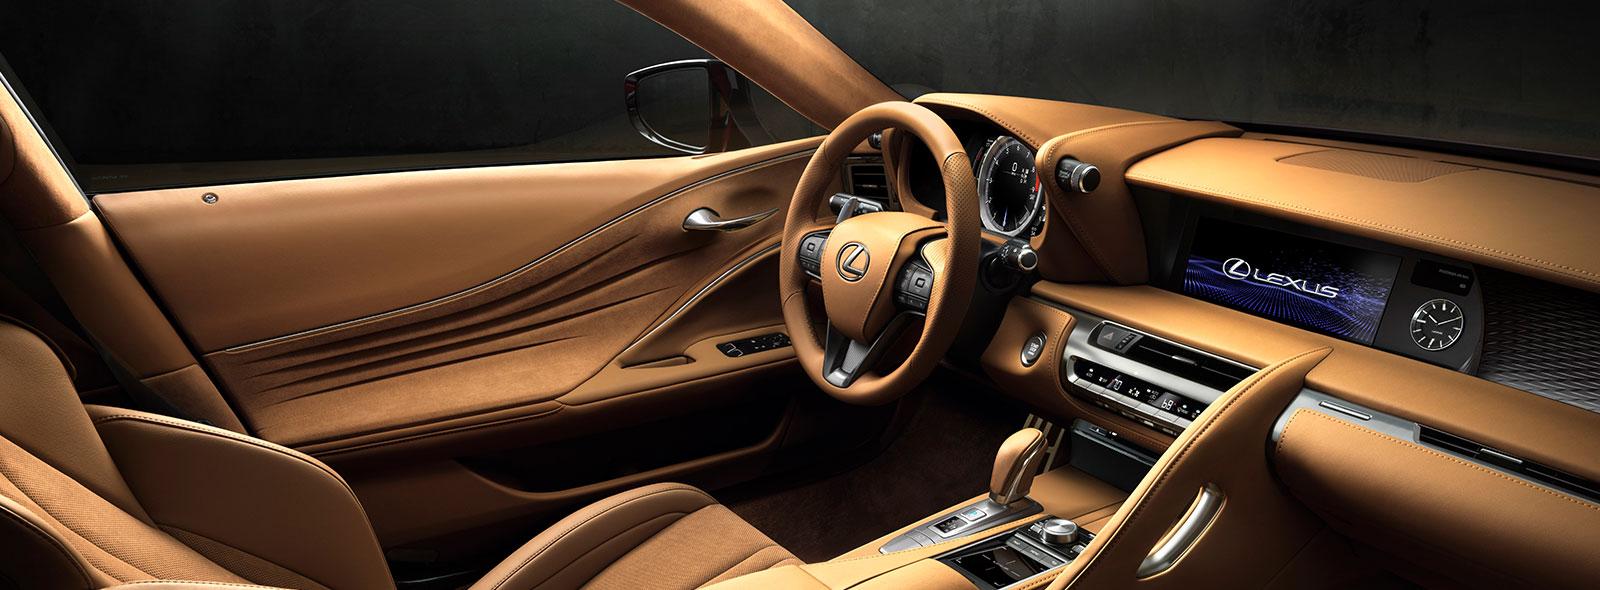 2017 Lexus LC Interior Gallery 001